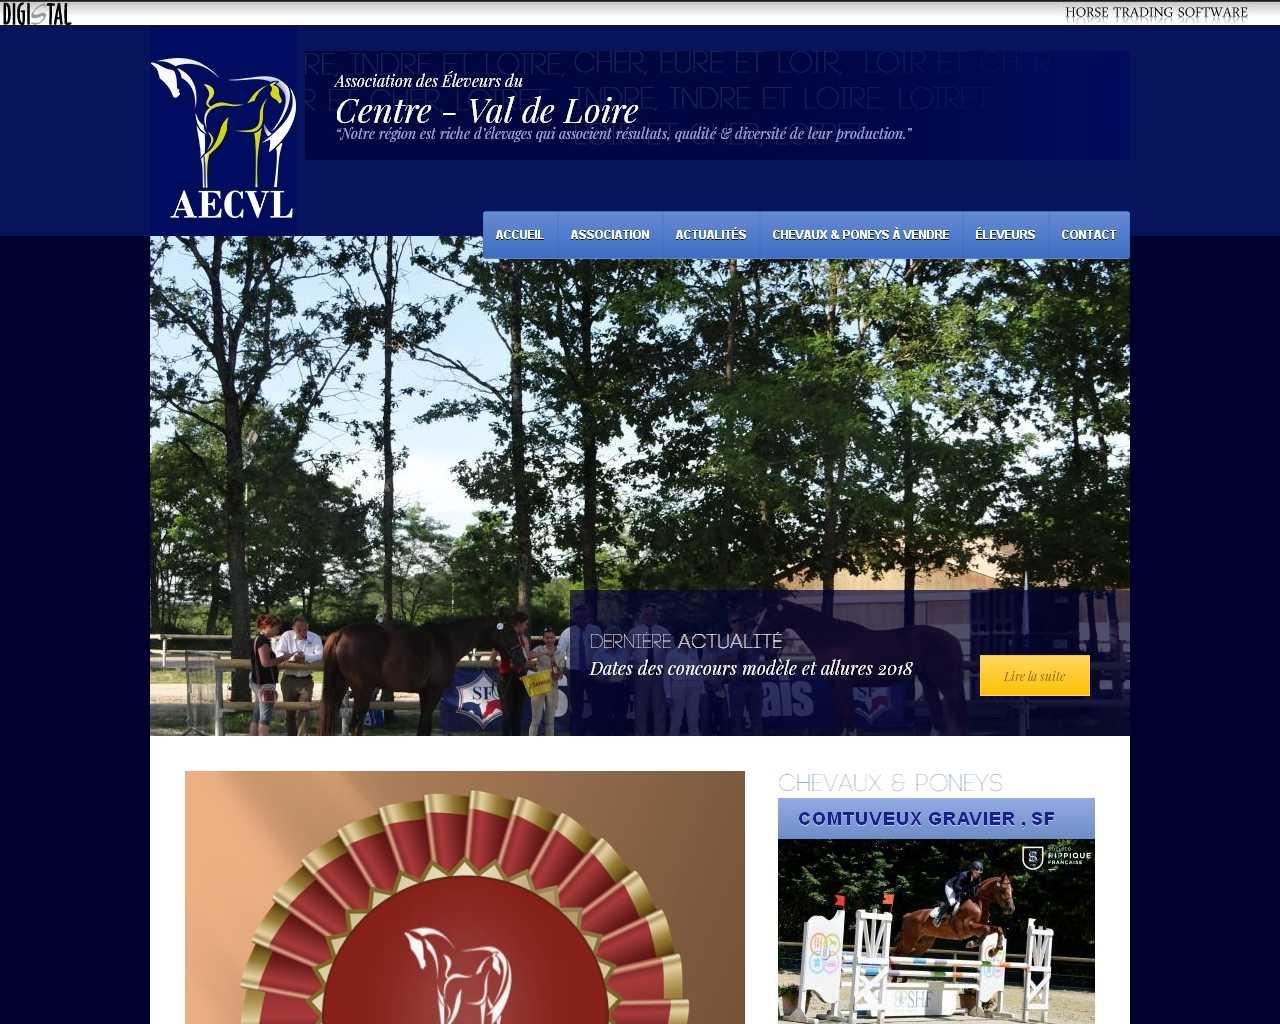 Association des Eleveurs du Centre Val de Loire AECVL